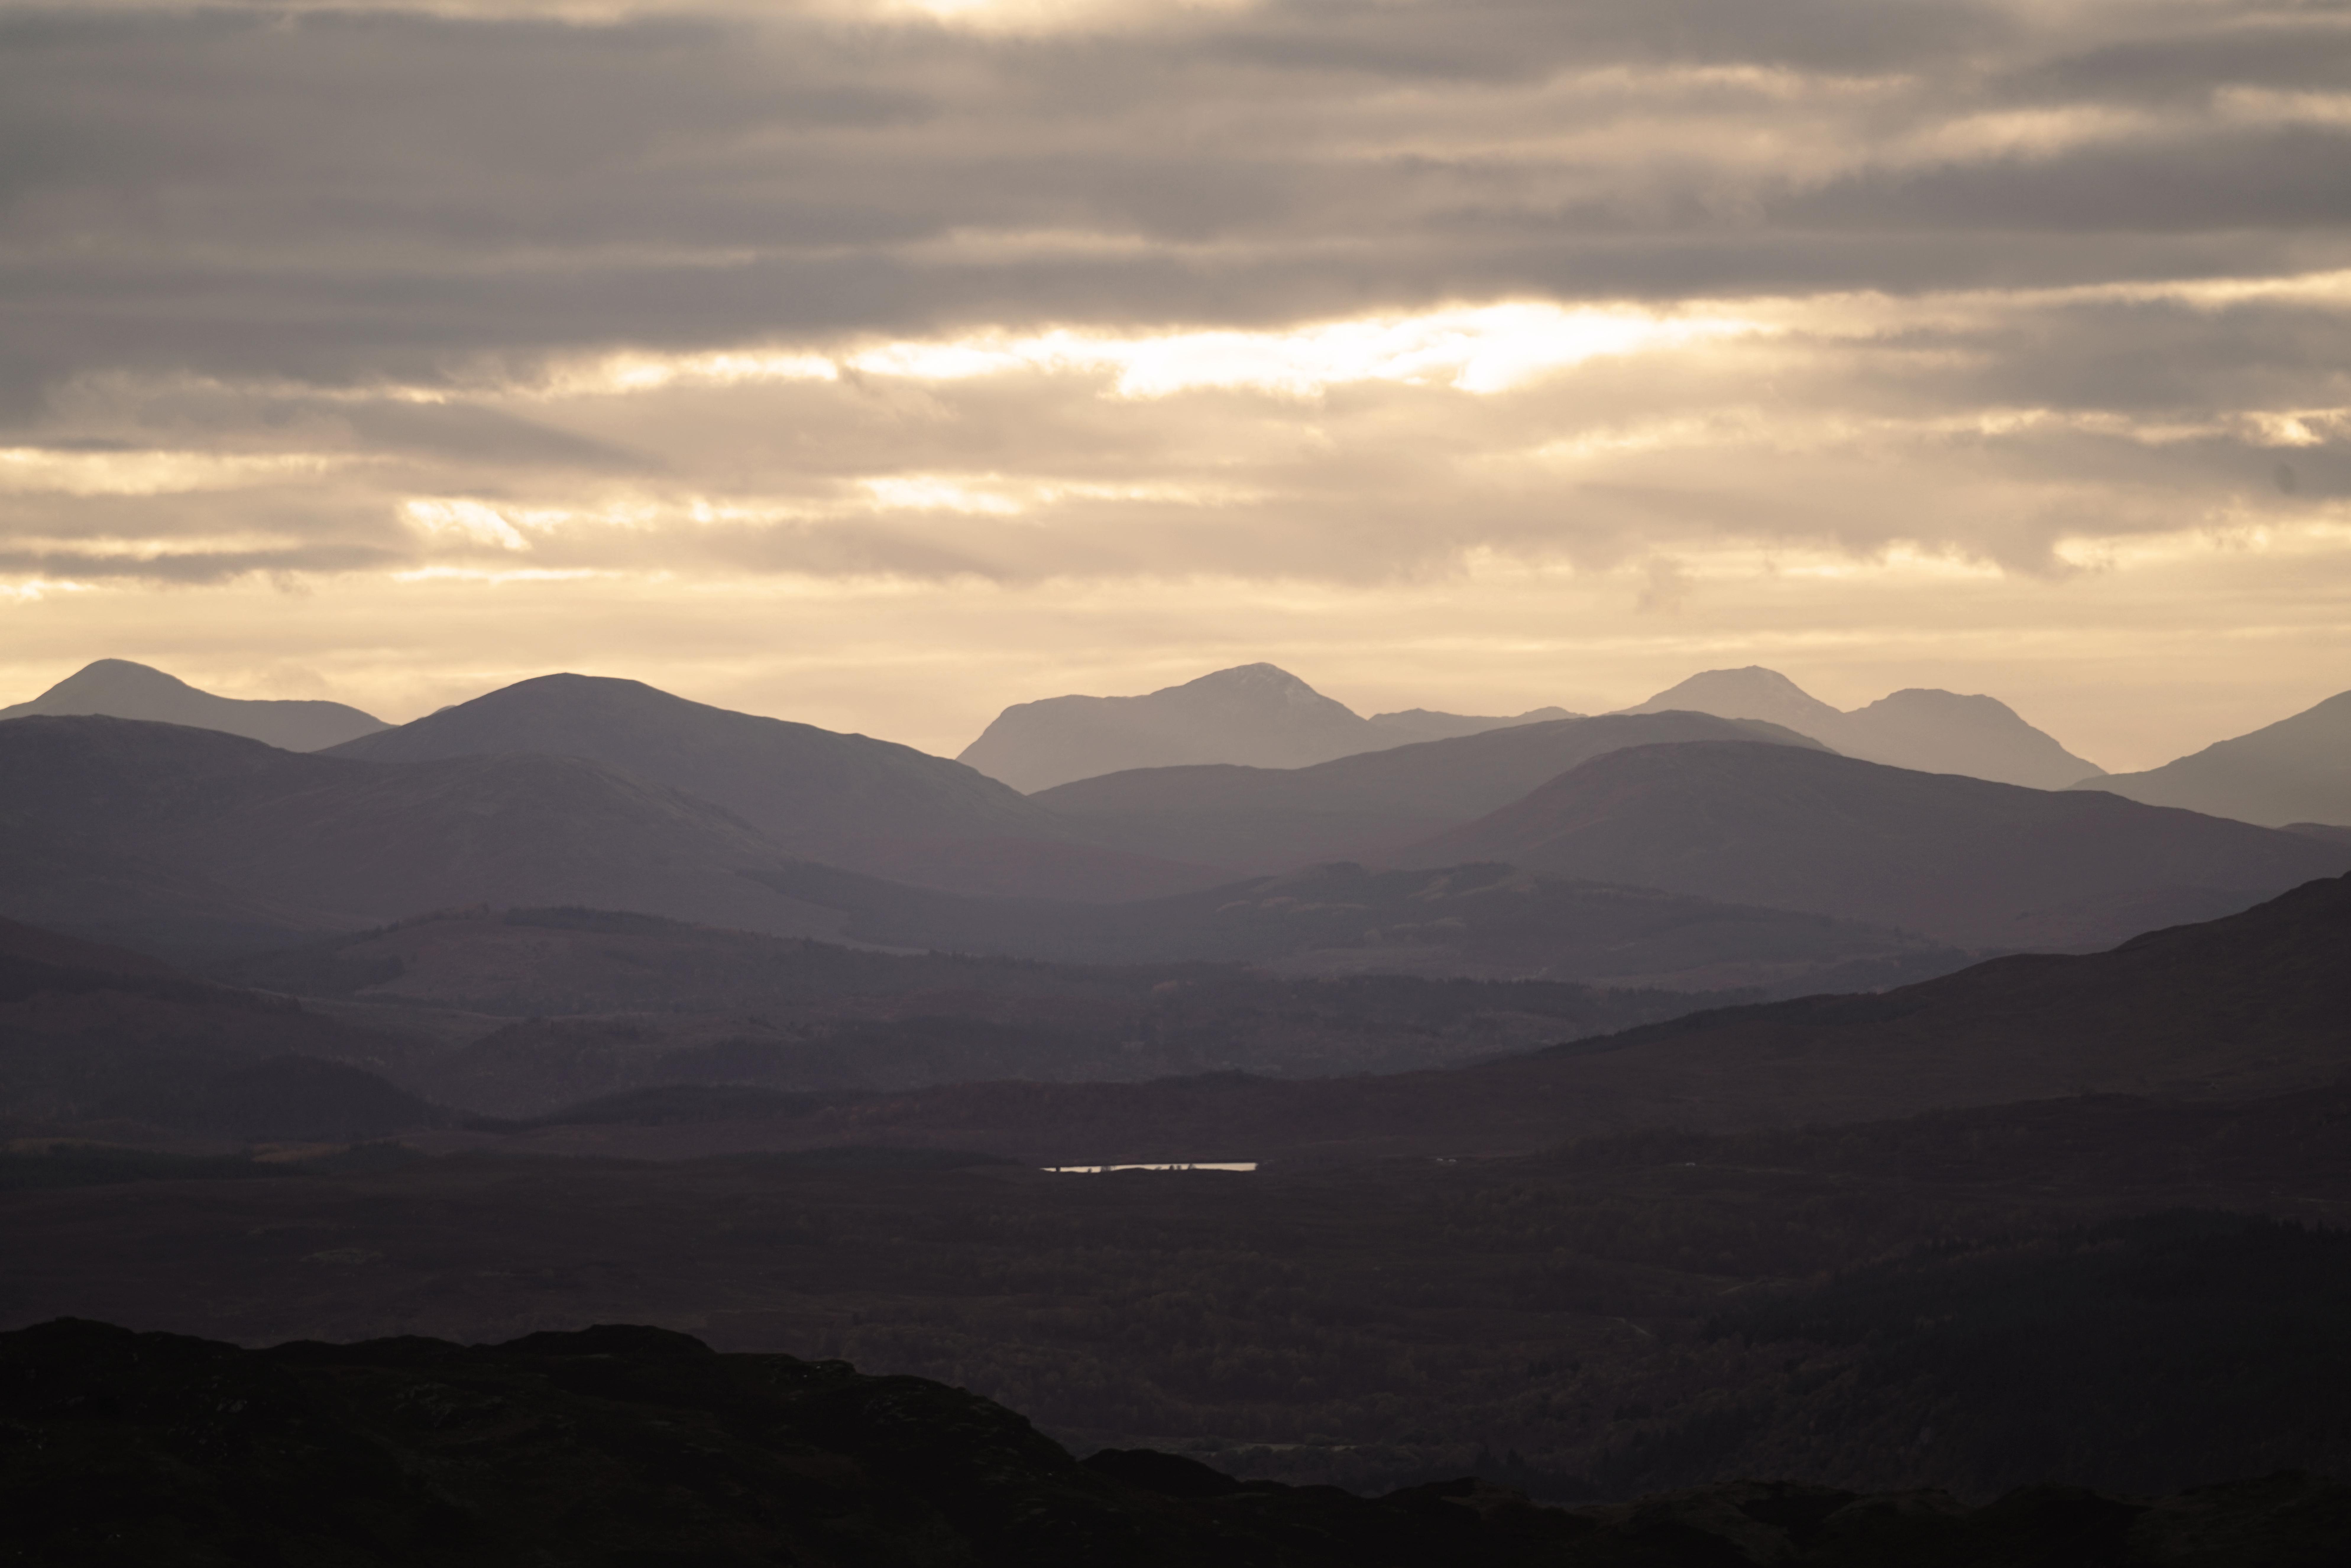 vývoj lichenometrických datovania krivky pre Highland Škótsko datovania niekoho s depresiou